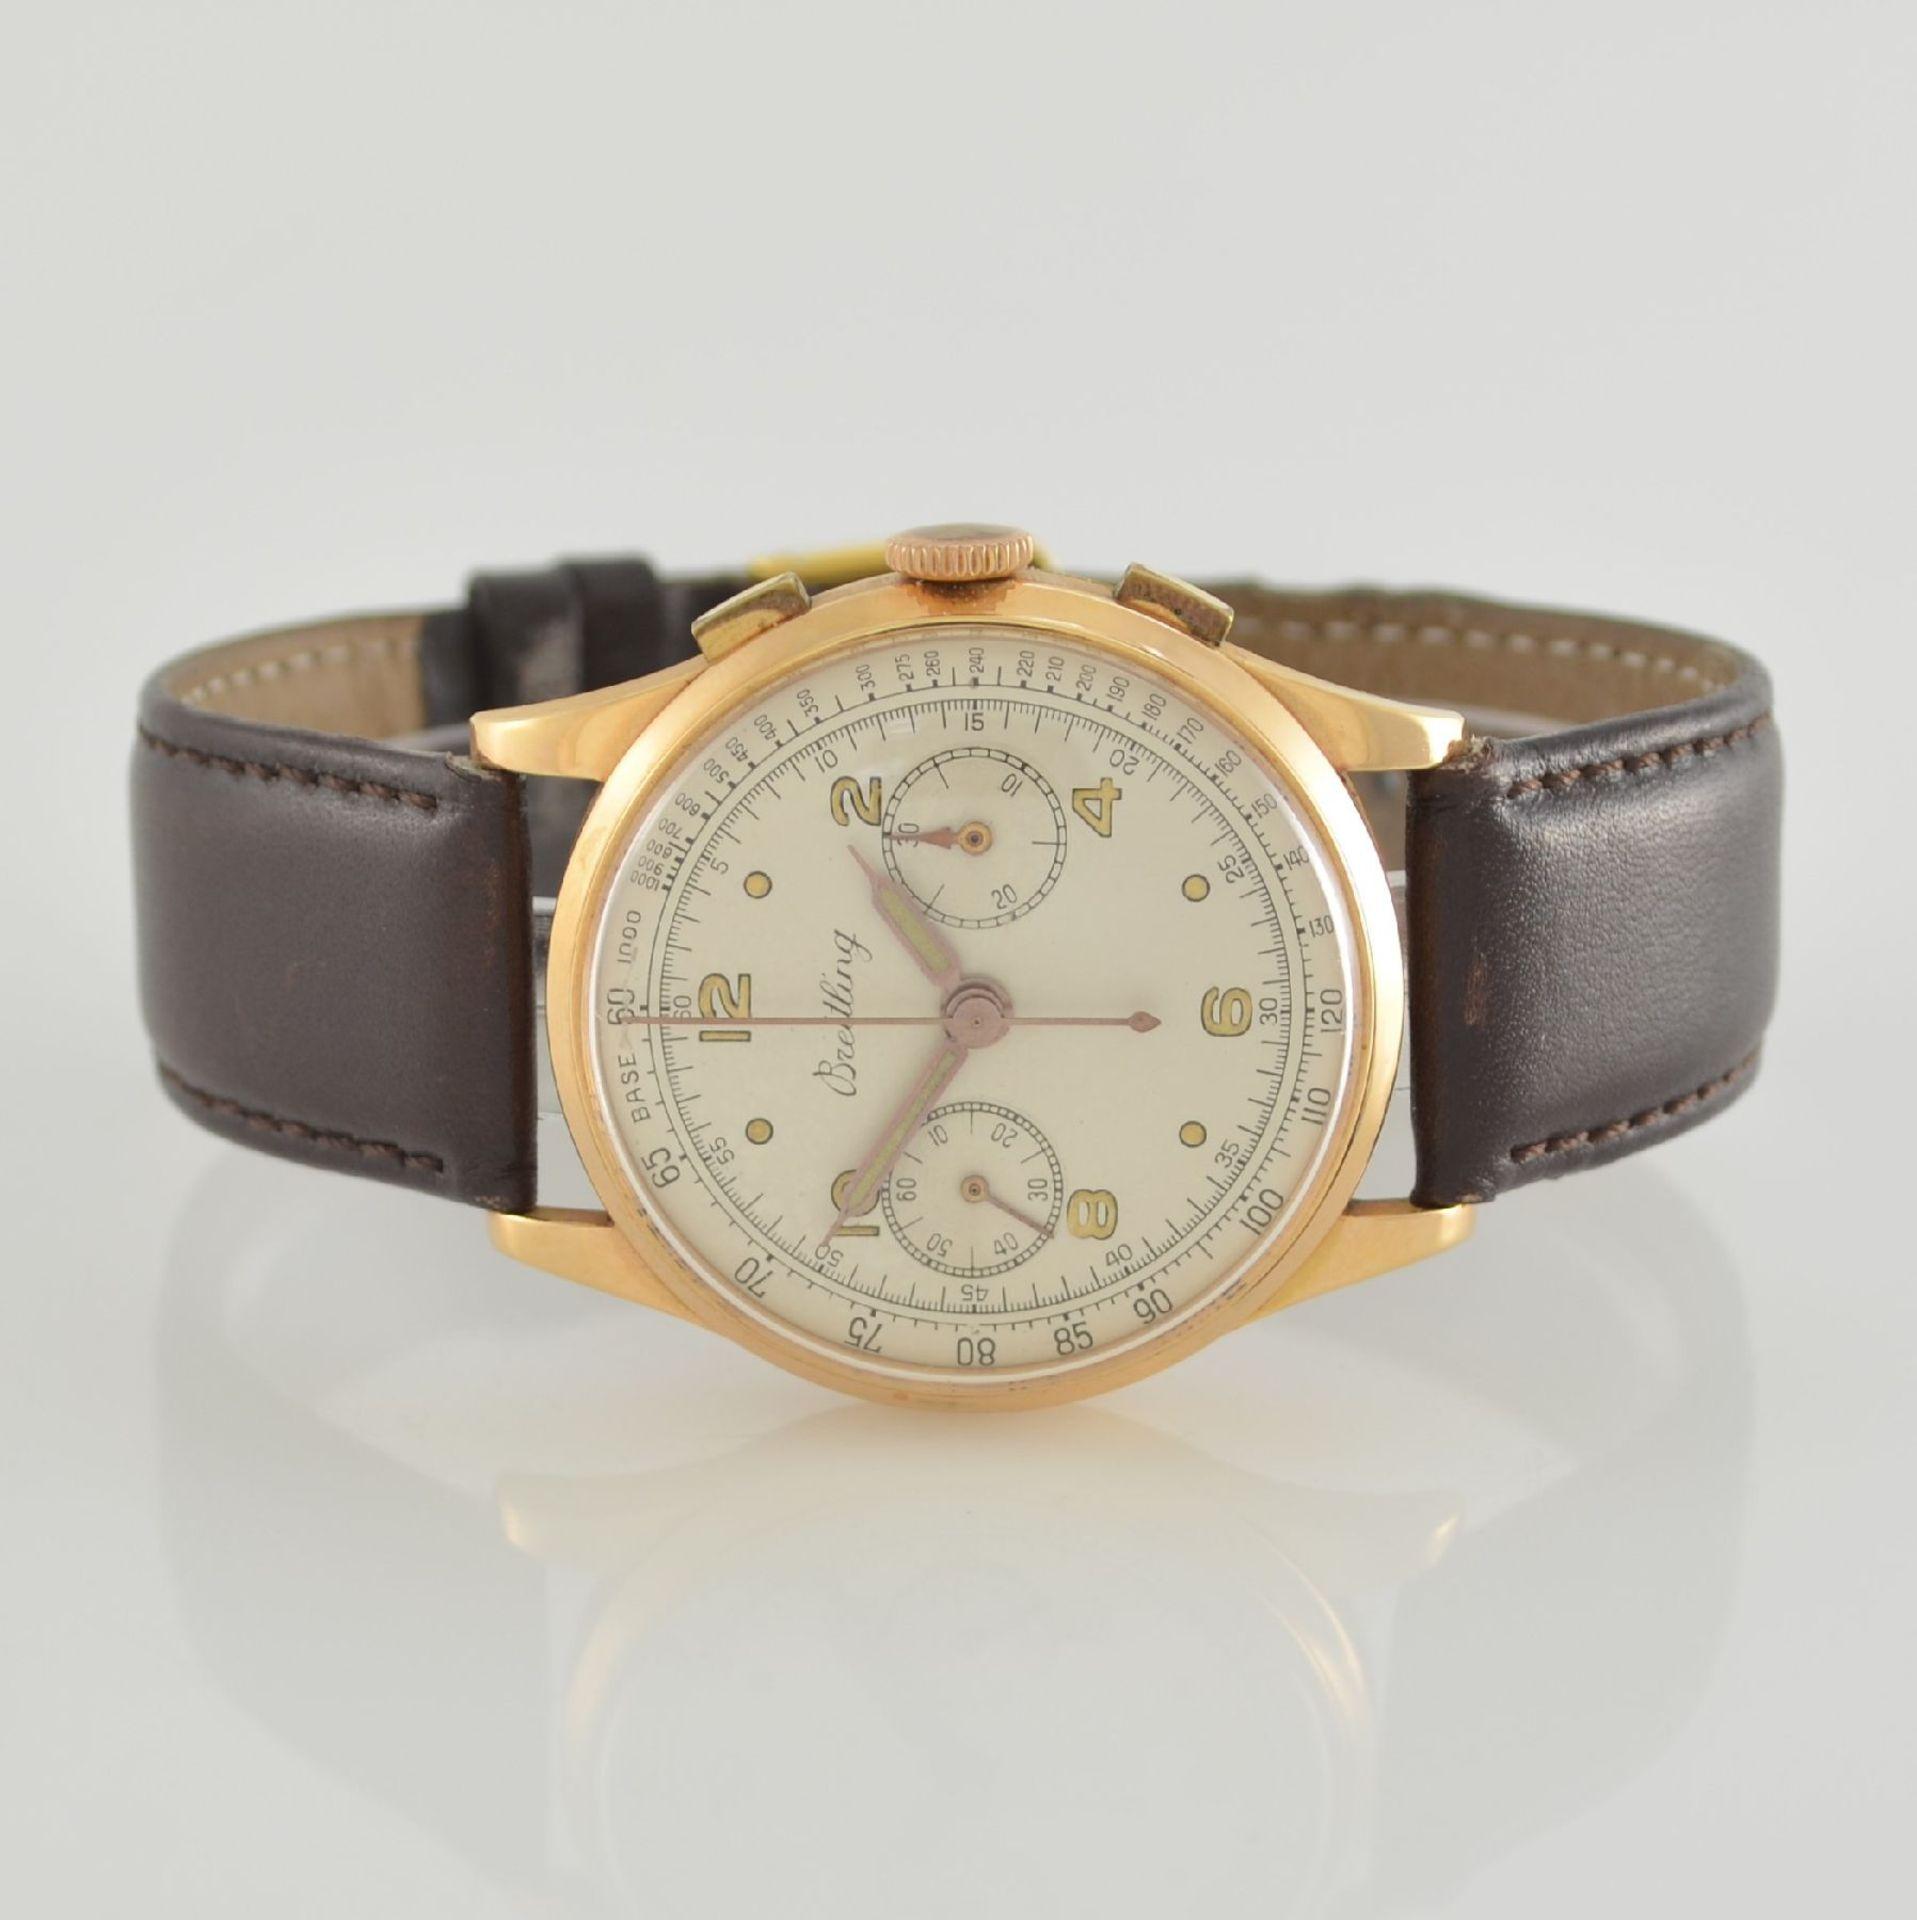 Herrenarmbanduhr mit Chronograph in 750/000 RoseG, Schweiz um 1950, Boden & Glasrand aufgedr., rest.